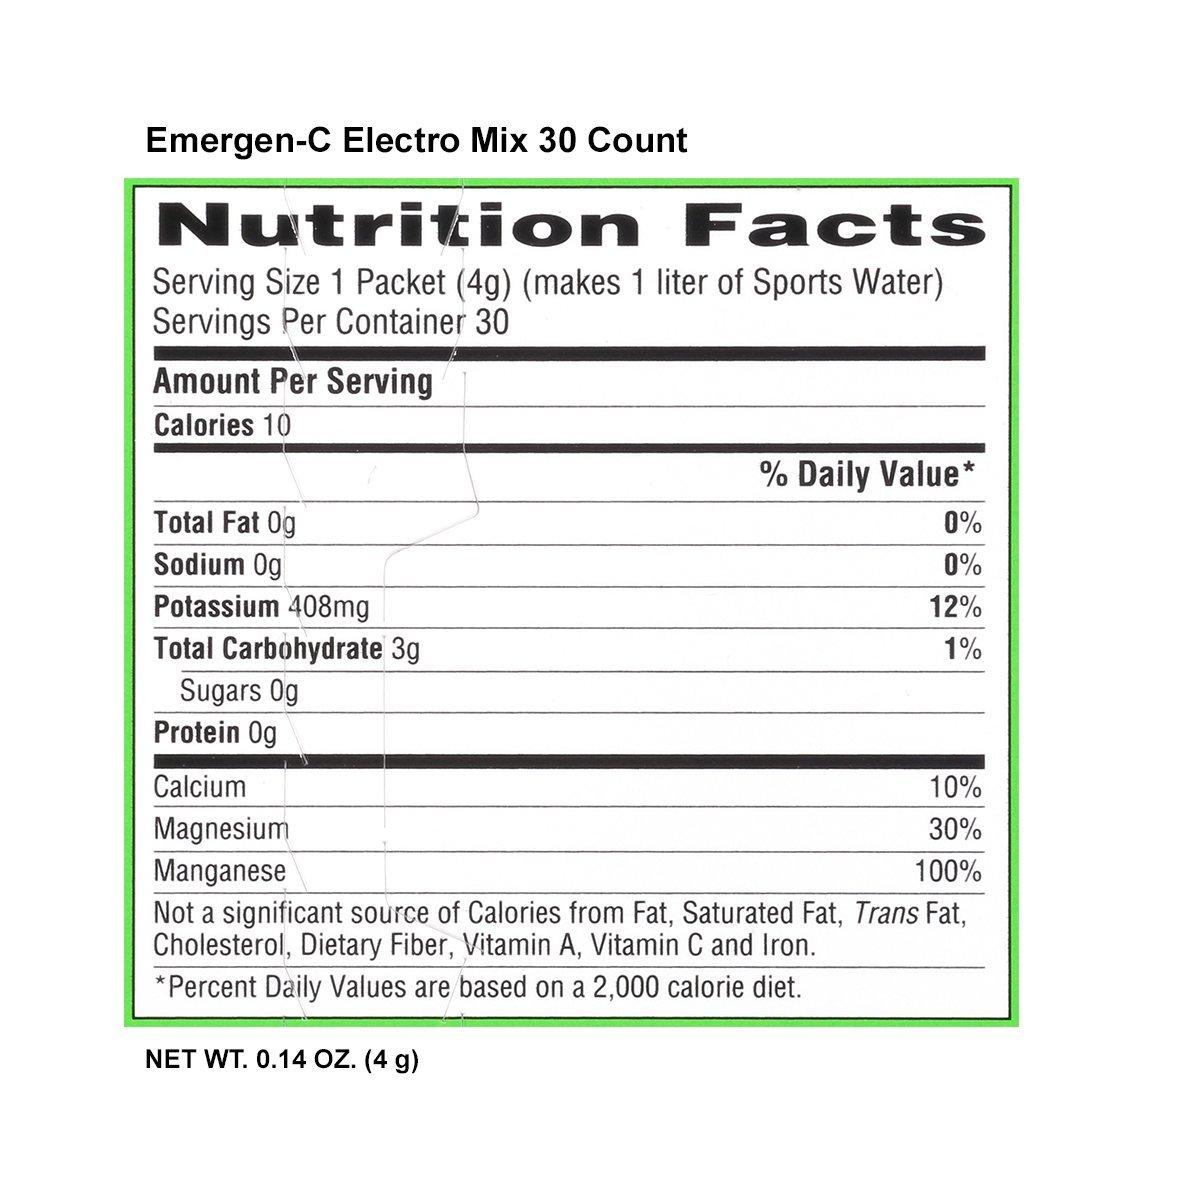 Emergen-C Electro Mix mezcla de bebidas de reemplazo de electrolitos, Potasio, magnesio, Calcio, 0,14 g paquetes (30 Count): Amazon.es: Salud y cuidado ...